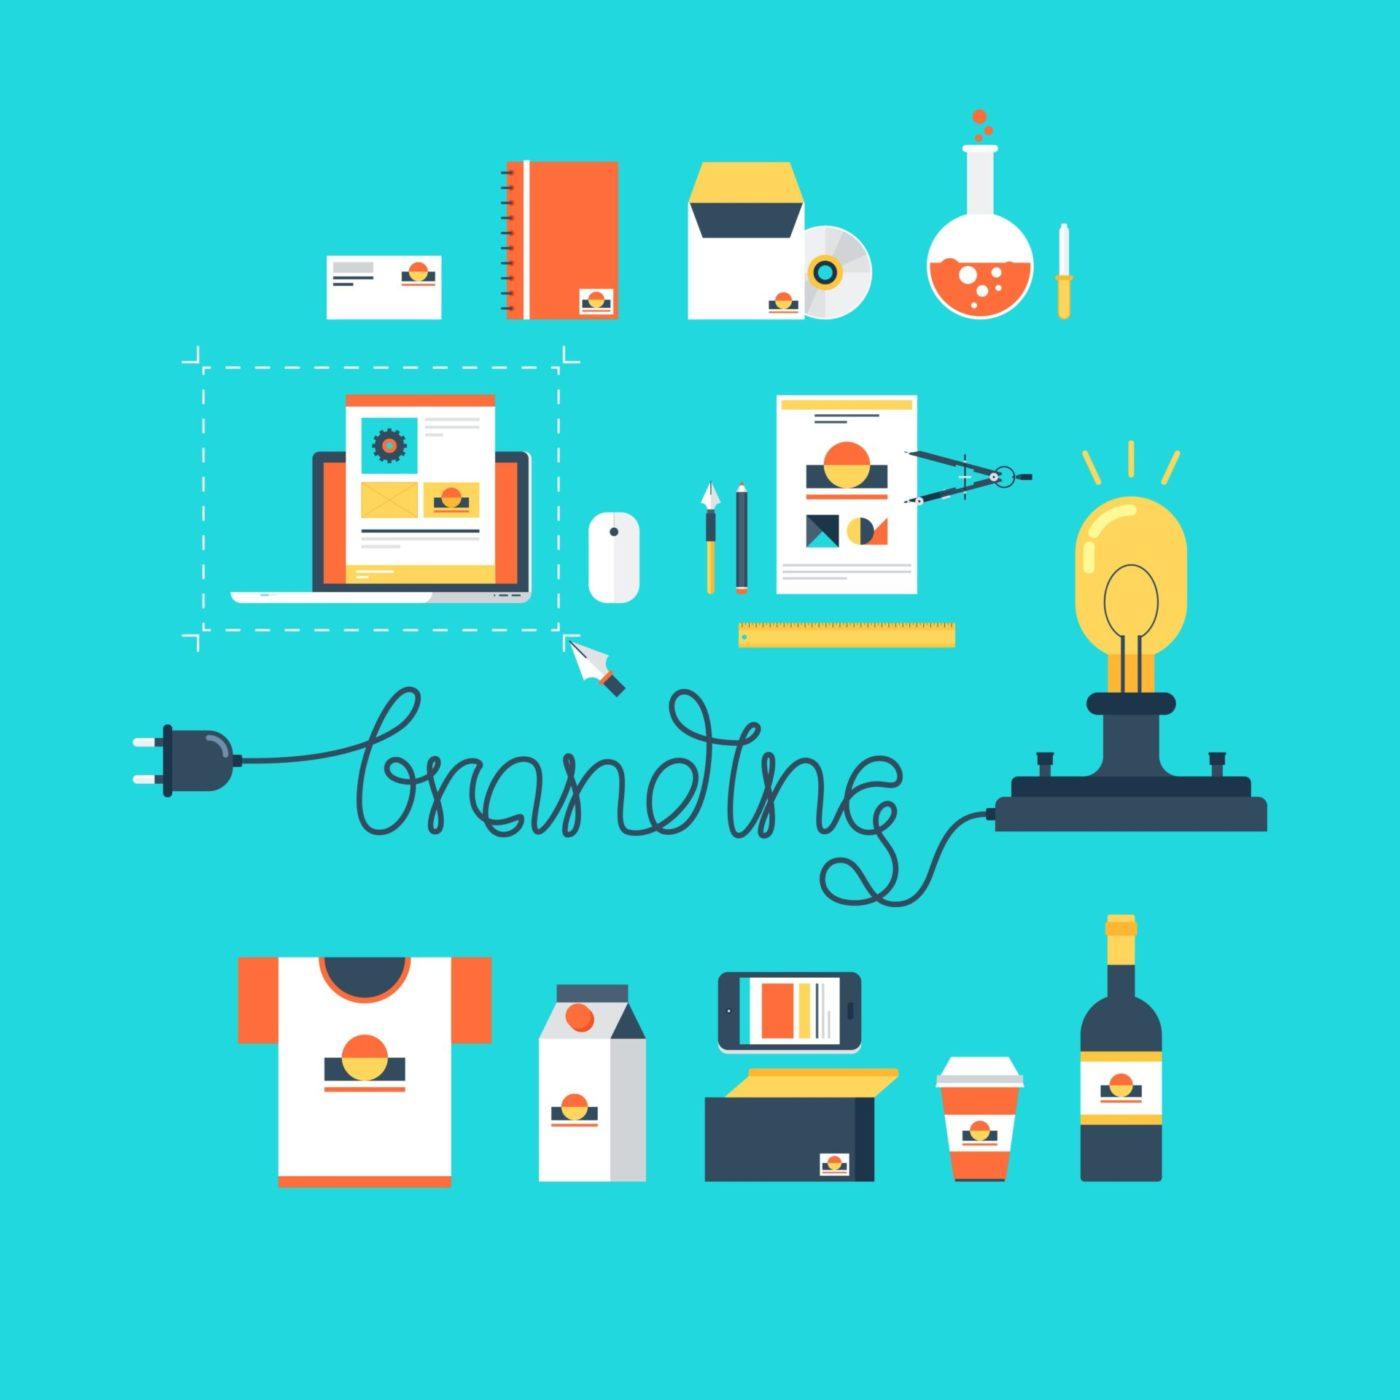 Przykłady brandingu w formie graficznej